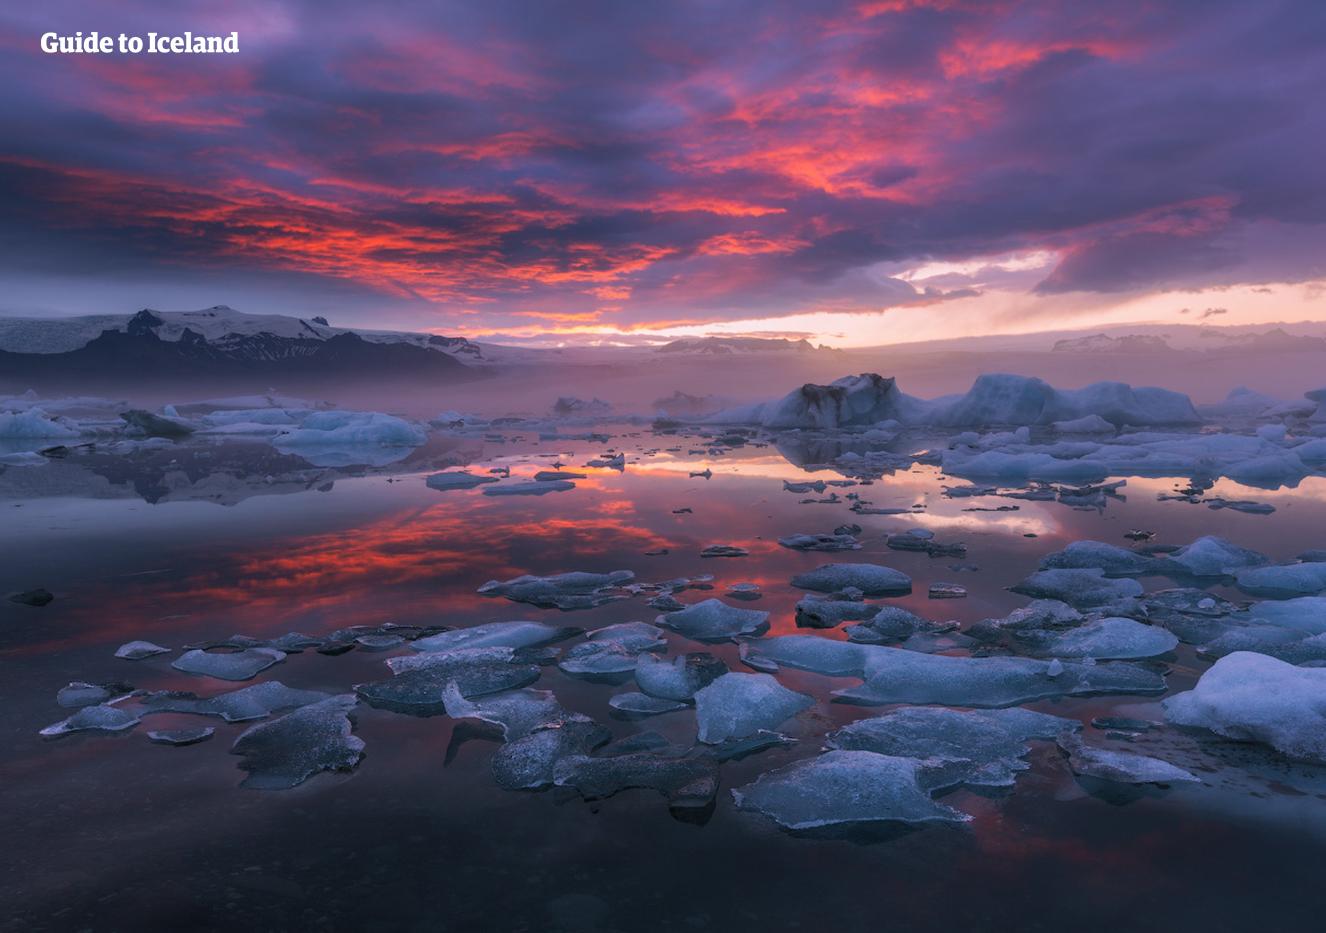 Besøk den vakre bresjøen Jökulsárlón på en sommerlig leiebiltur, og se isfjell som flyter fredelig rundt i det iskalde vannet.